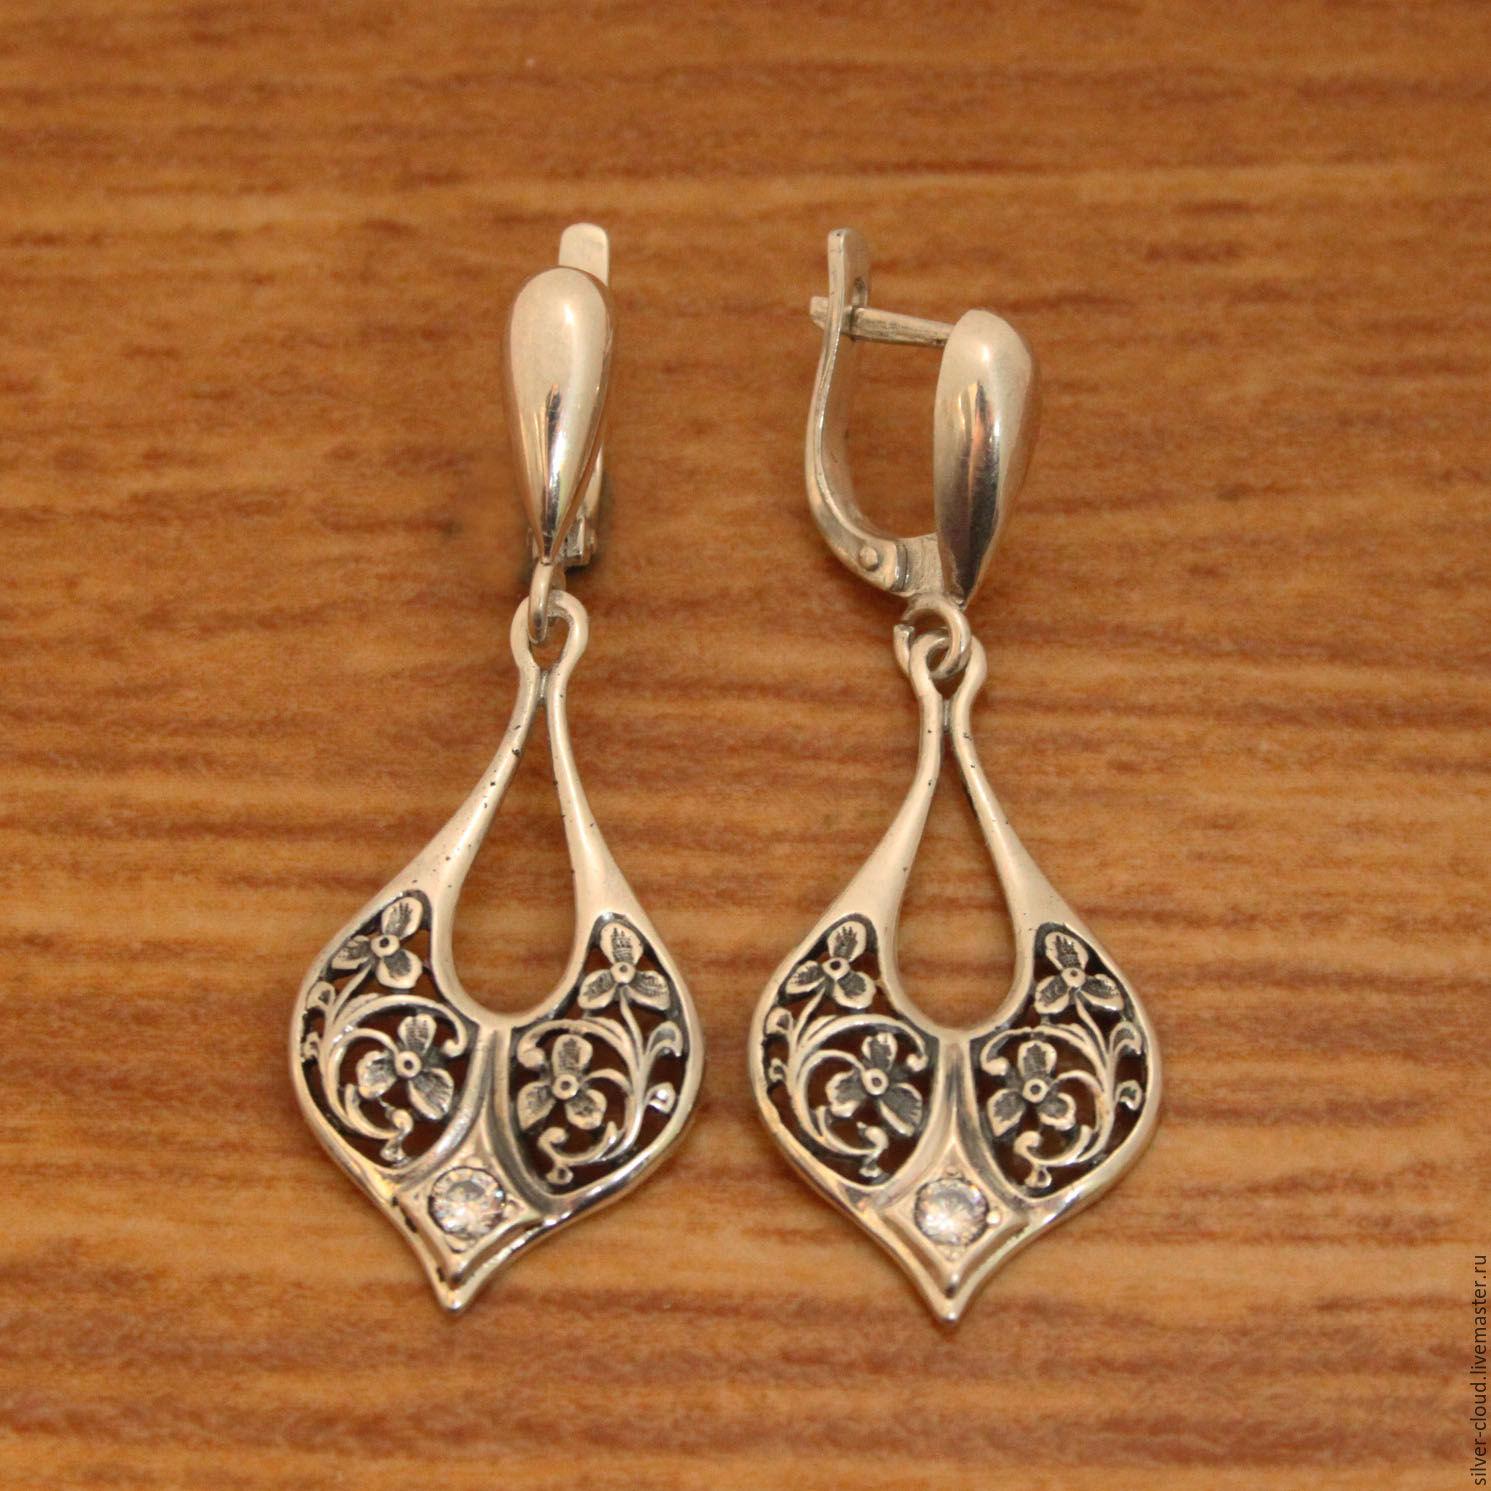 0dc5427023c2 Серебряные серьги Диадема, серебро 925 – купить в интернет-магазине на  Ярмарке ...